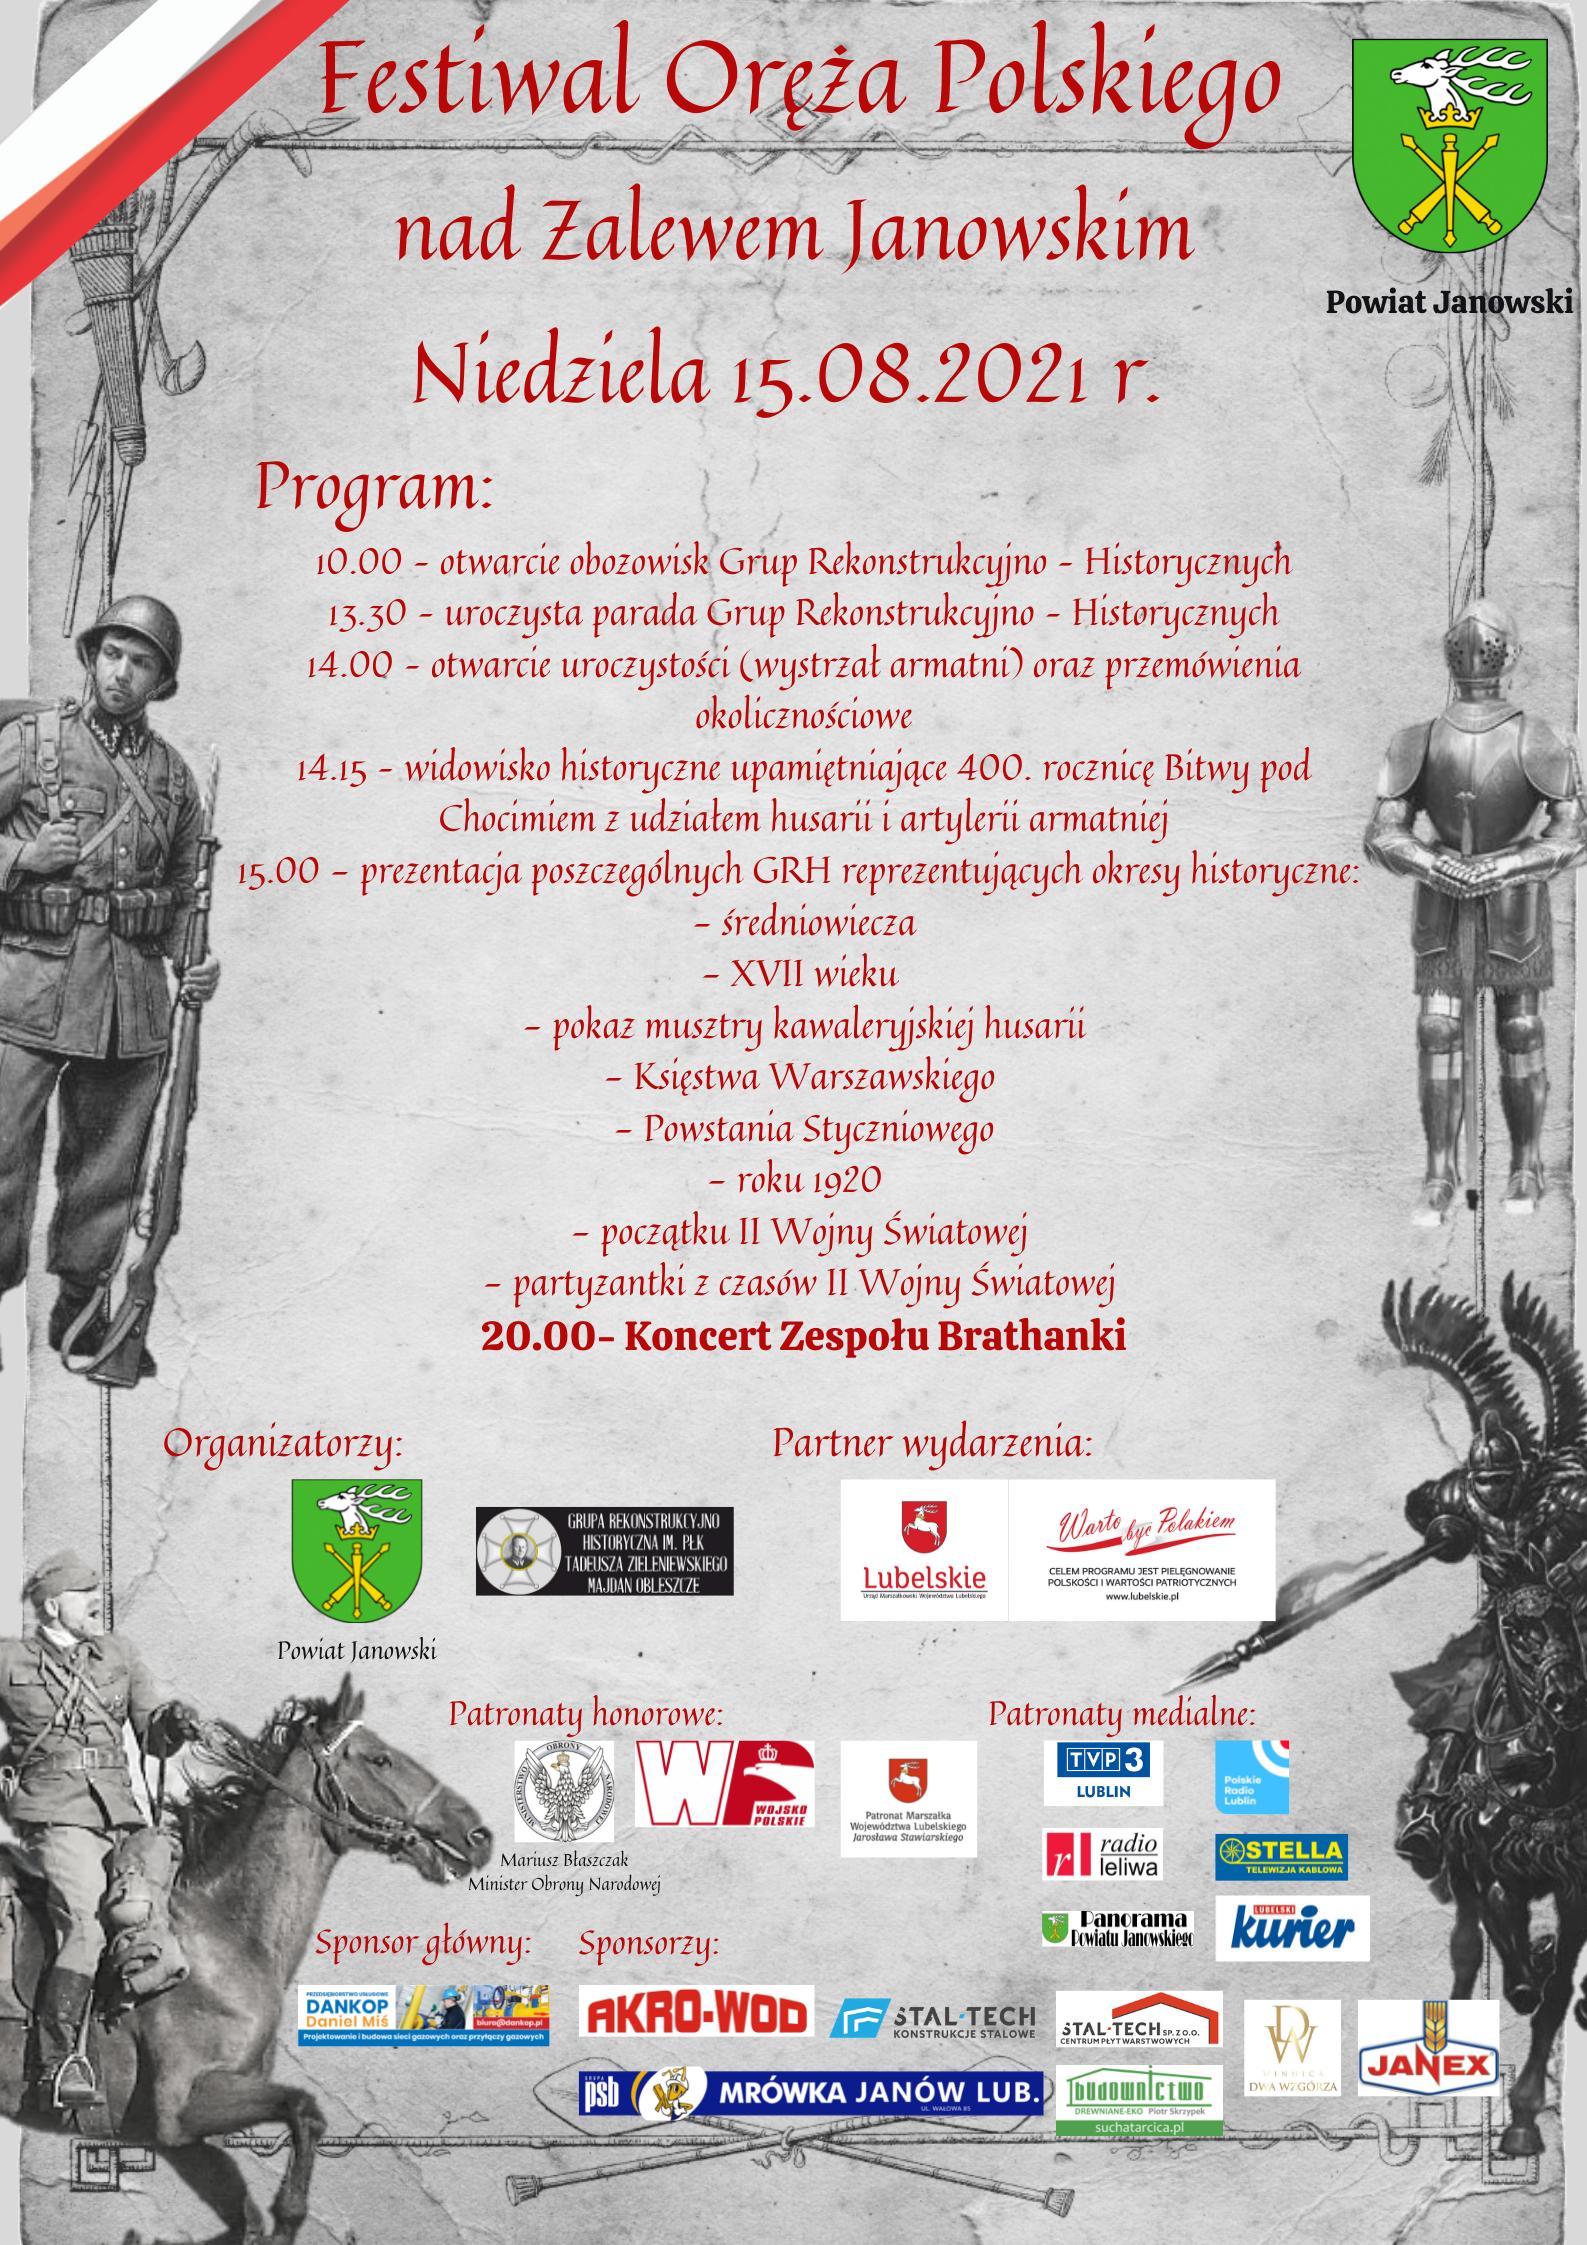 Festiwal Oręża Polskiego - 15.08.2021